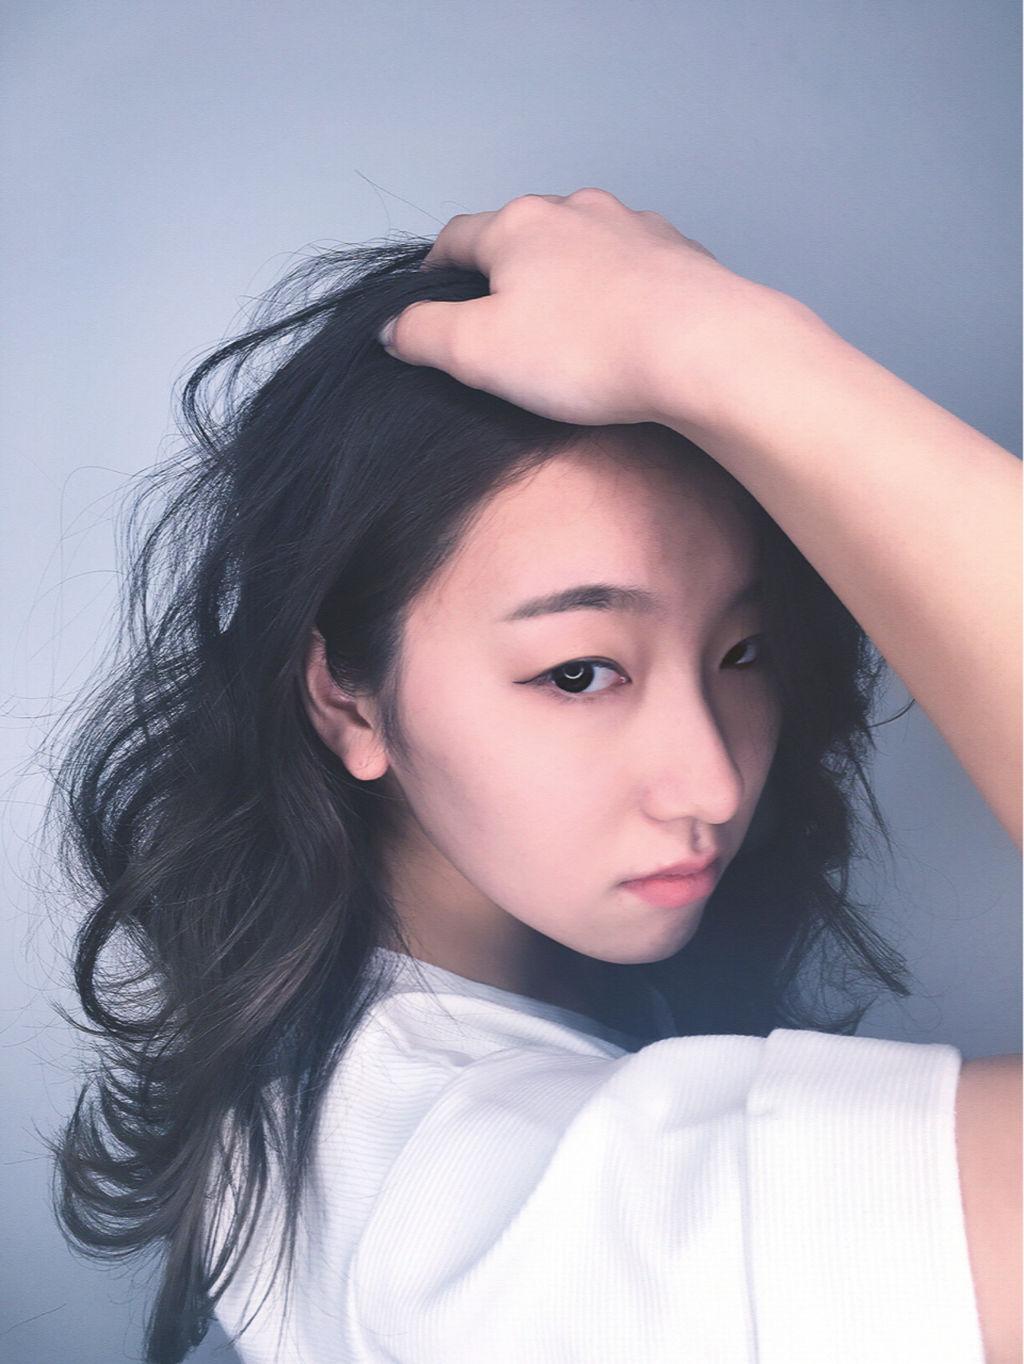 一重だからかわいい!韓国美人に学ぶ、一重さんのためのオルチャンメイク術のサムネイル